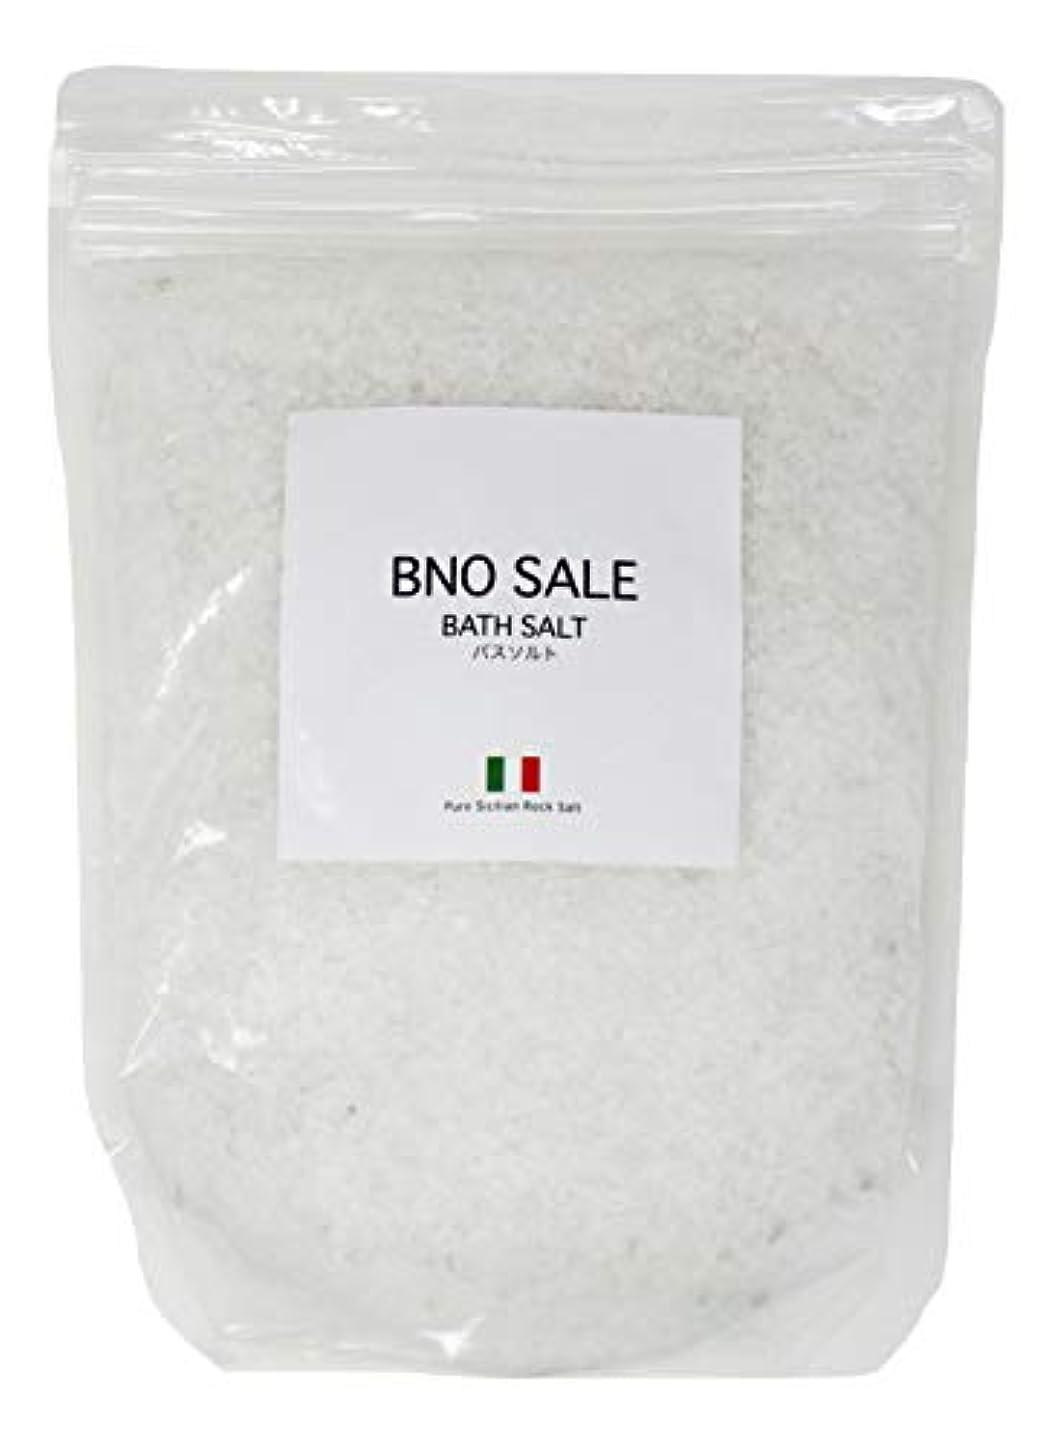 耐えられるサロン保証シチリア産 岩塩 2Kg バスソルト BNO SALE ヴィノサーレ マグネシウム 保湿 入浴剤 計量スプーン付